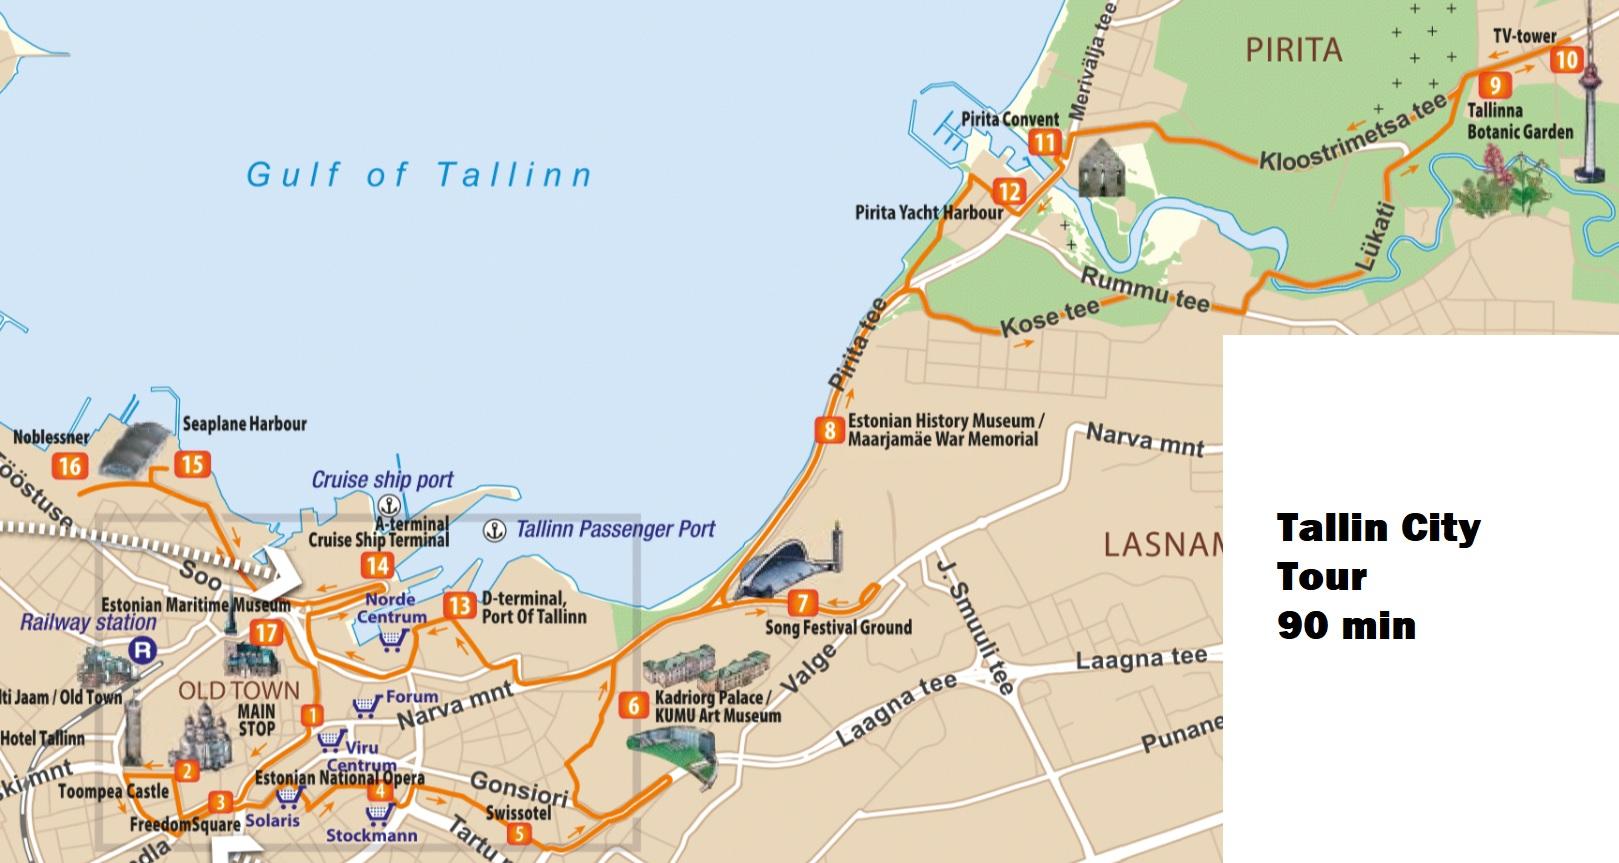 Tallin City Tour